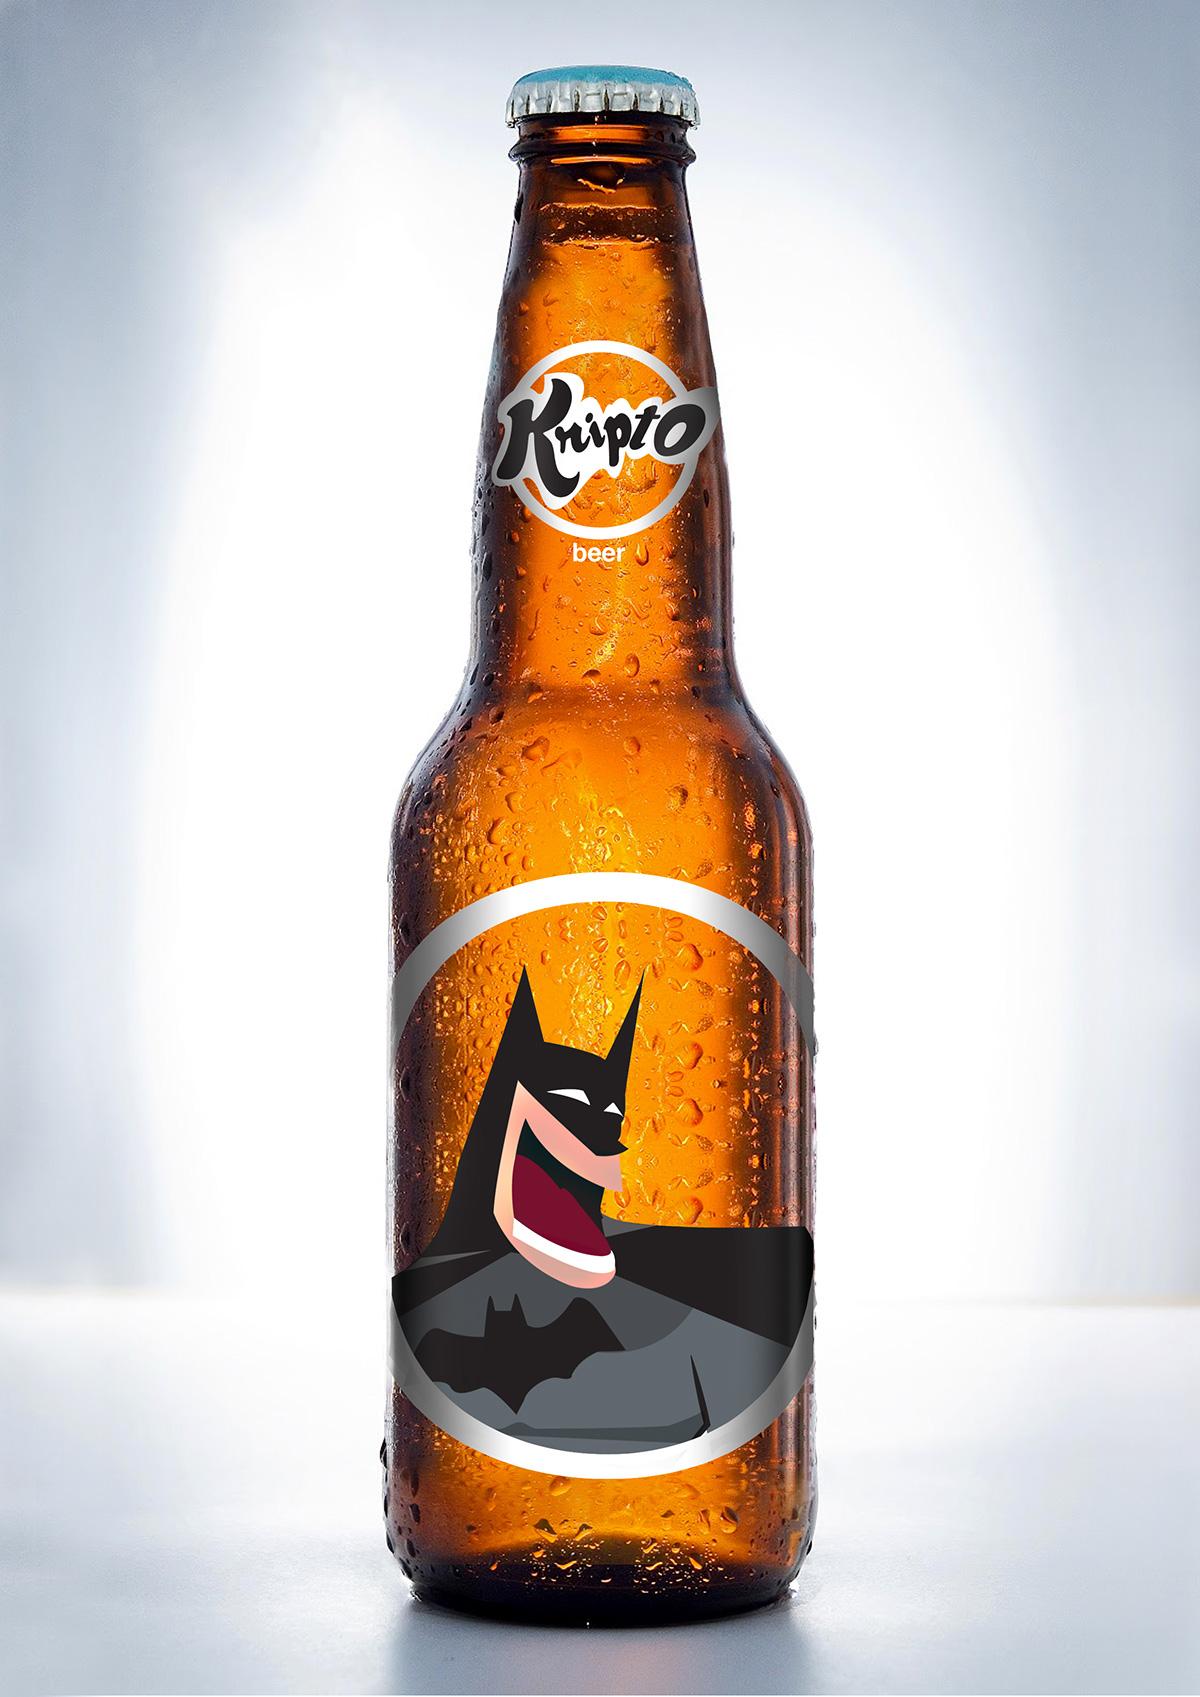 Batman's version Kripto beer